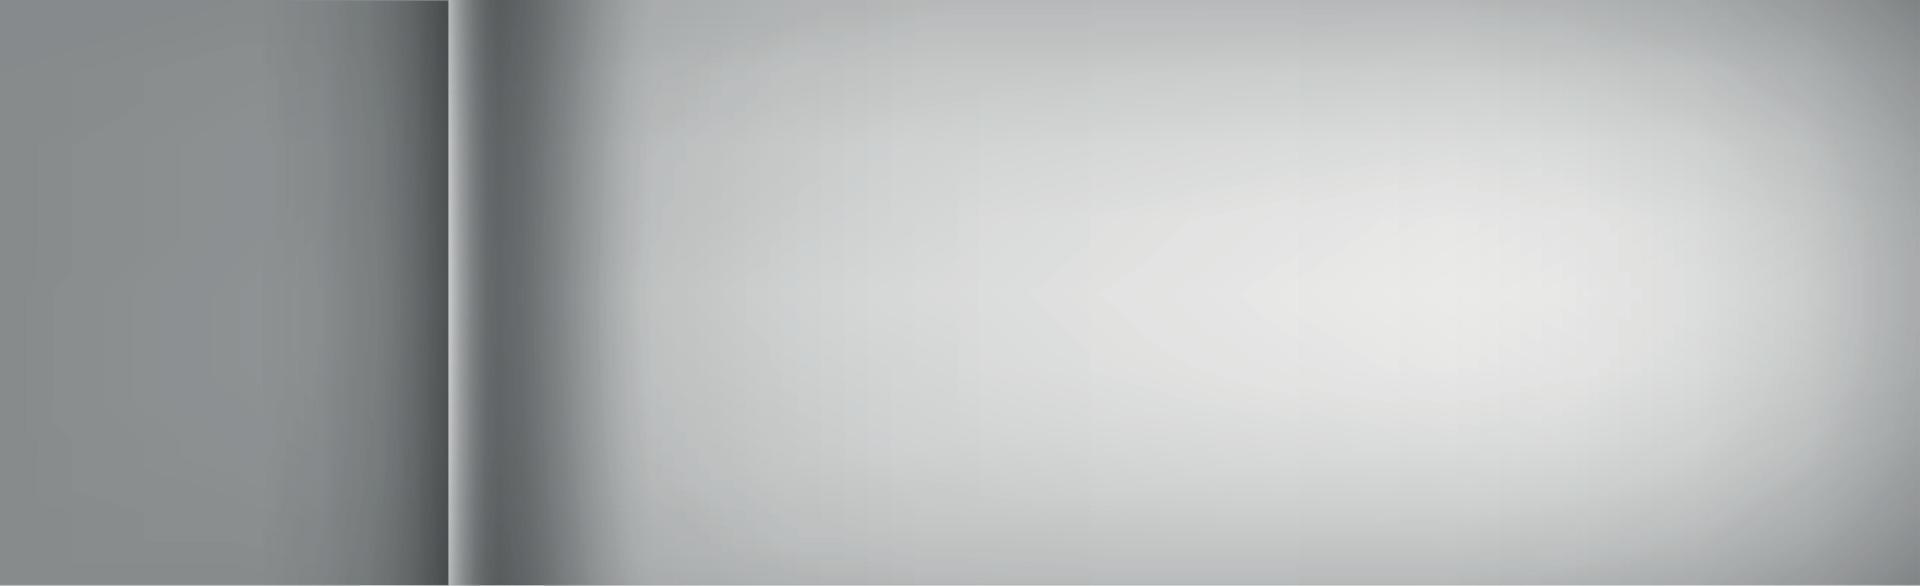 fond blanc et gris avec bord recourbé - vecteur